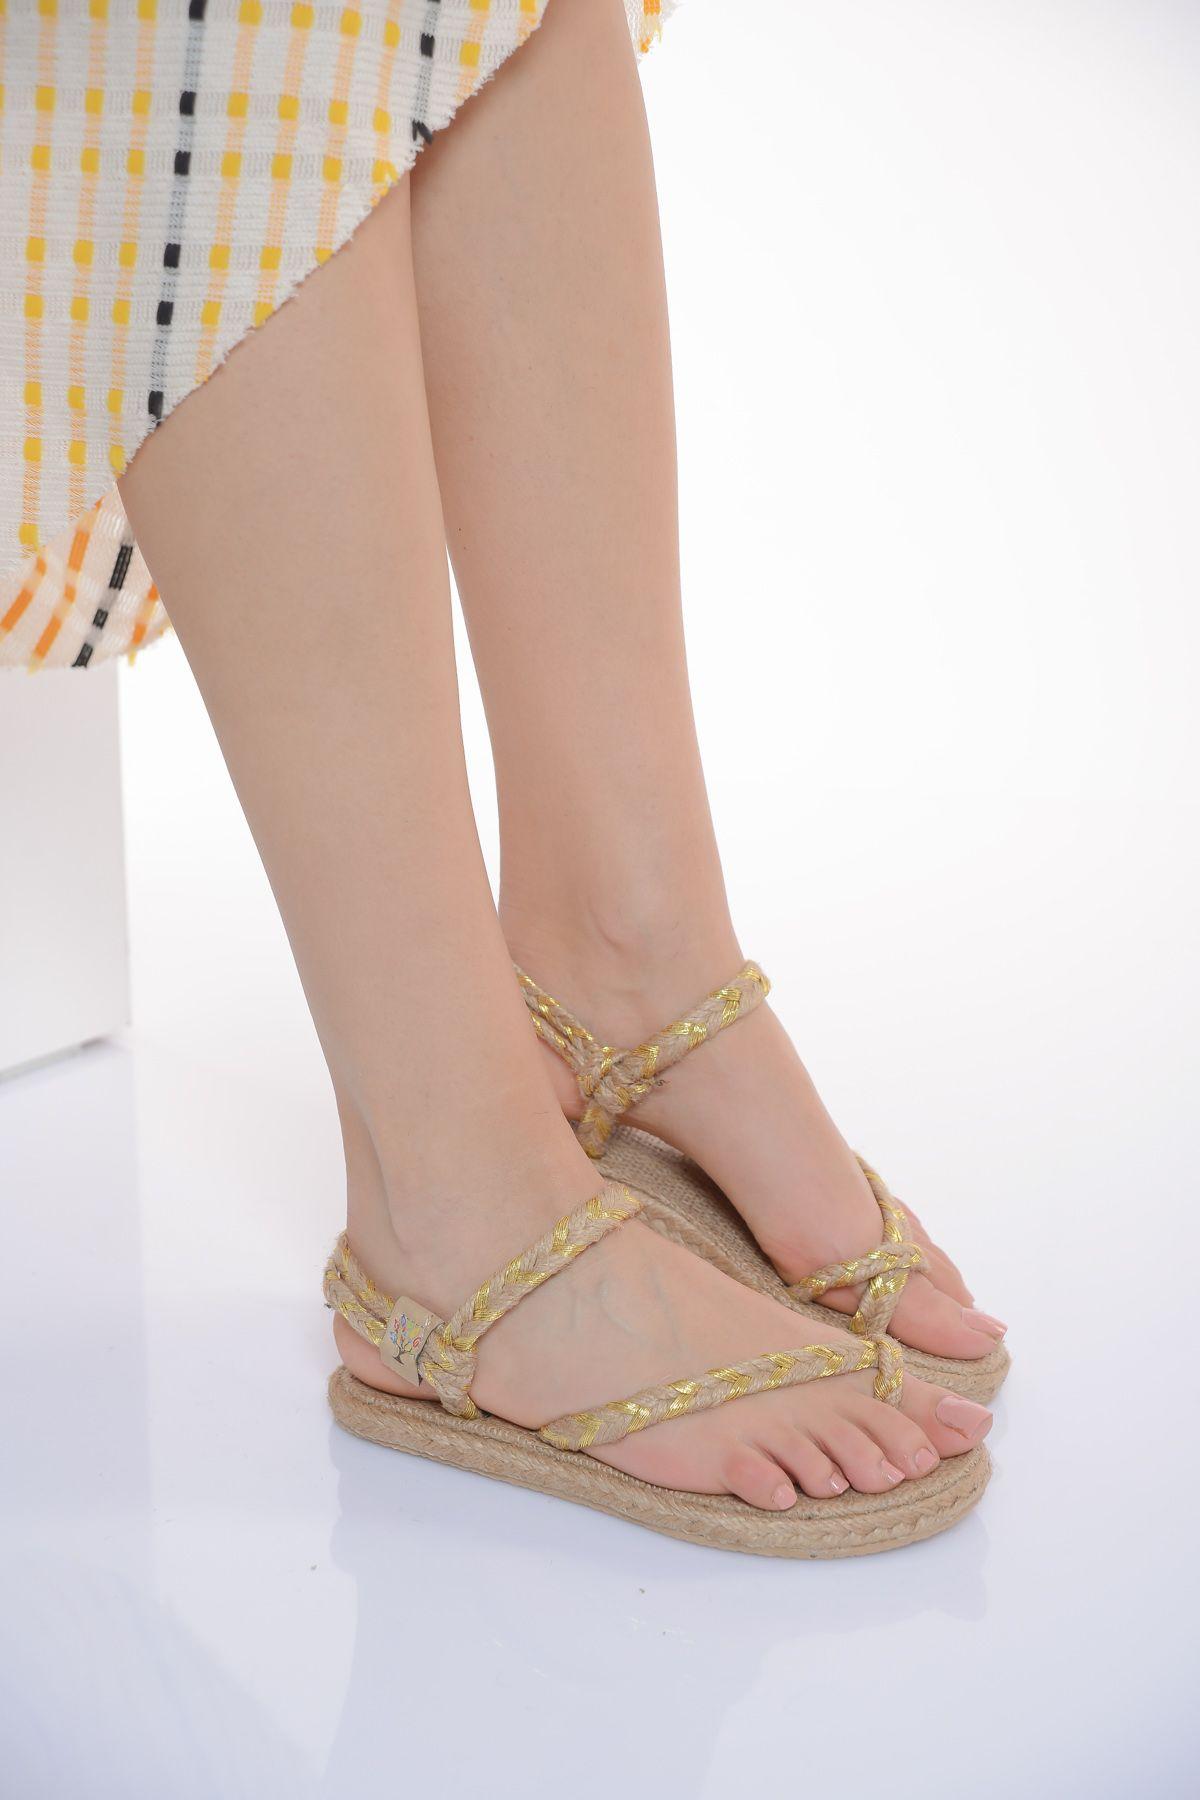 fa472ff1ed378 Kadın 2019 Yaz Ayakkabı Modelleri, Fiyatları, Aynı Gün Kargo - Shoes Time